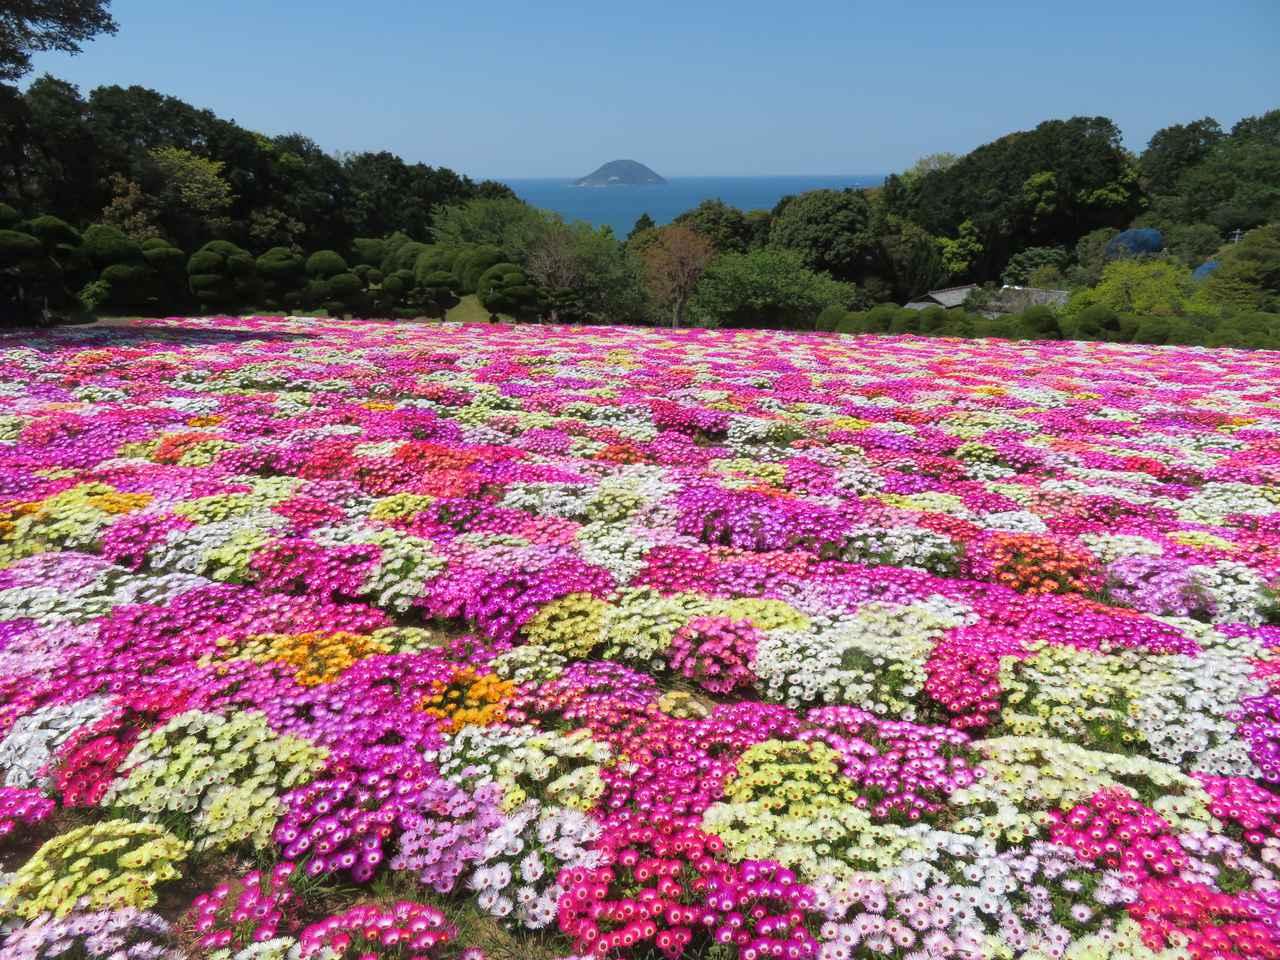 画像3: 【福岡】絶景・癒し・文化体験が勢揃い。「のこのしまアイランドパーク」で春の花に埋もれる